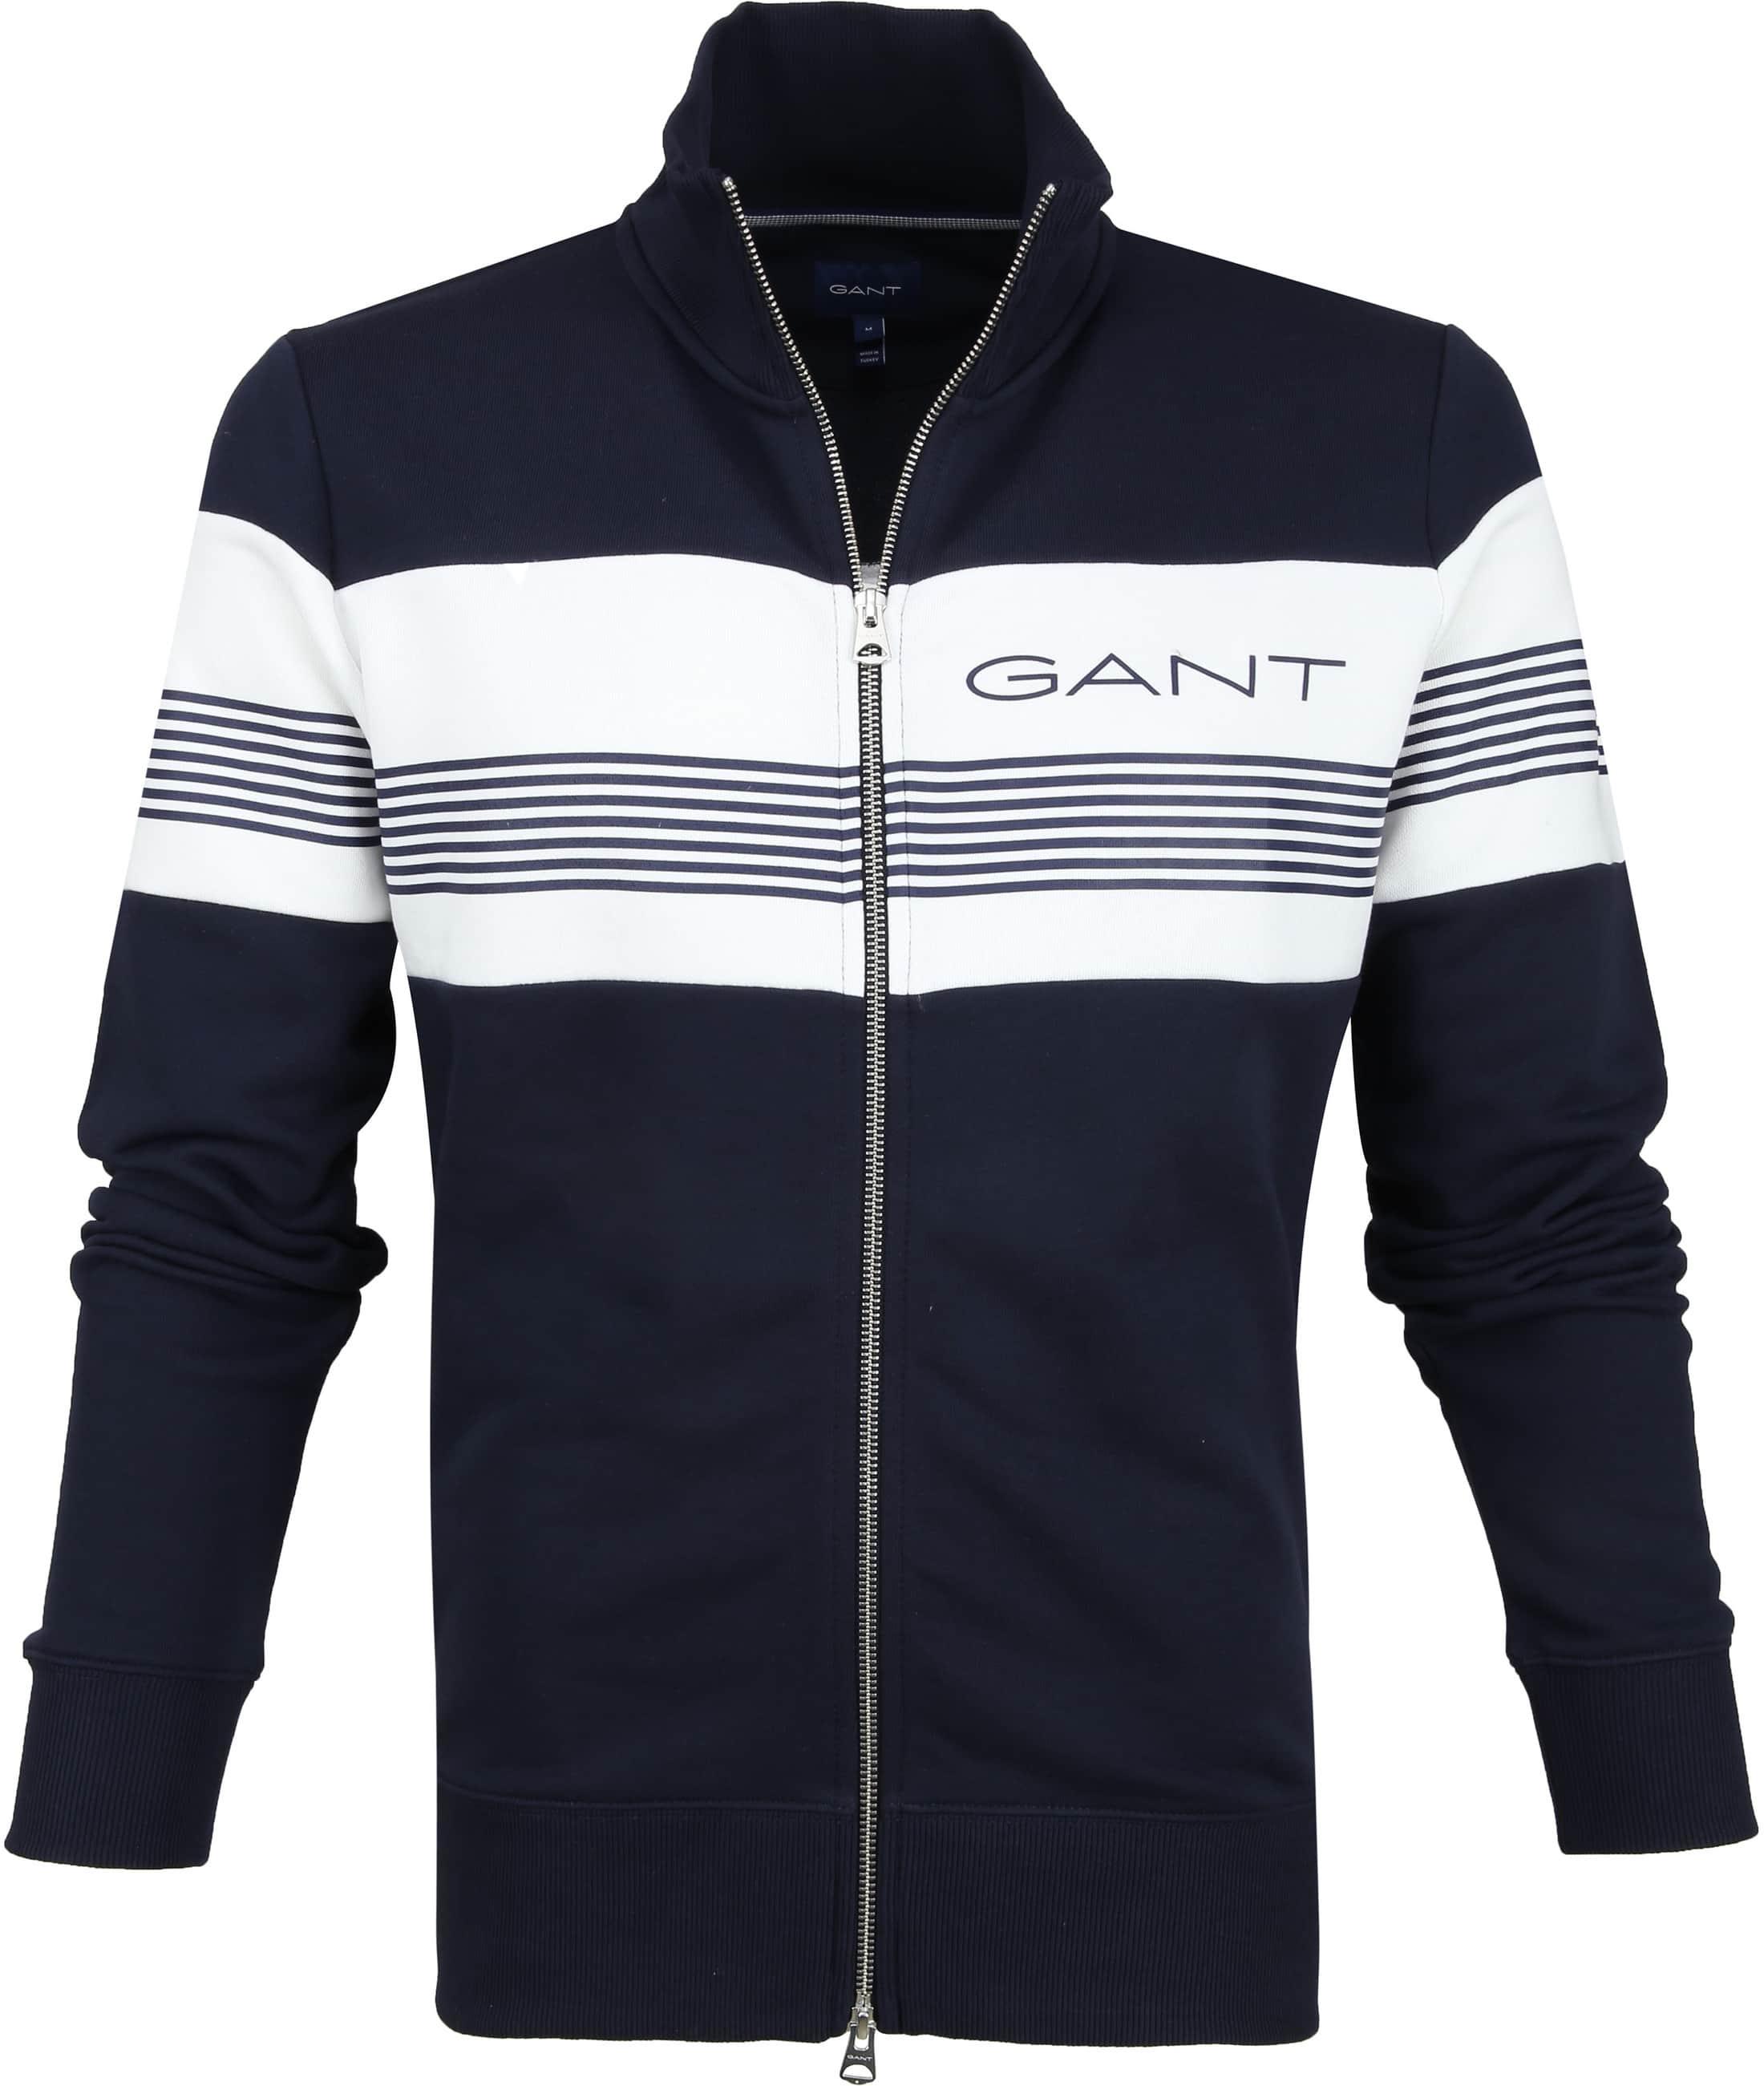 Gant Vest Strepen Donkerblauw